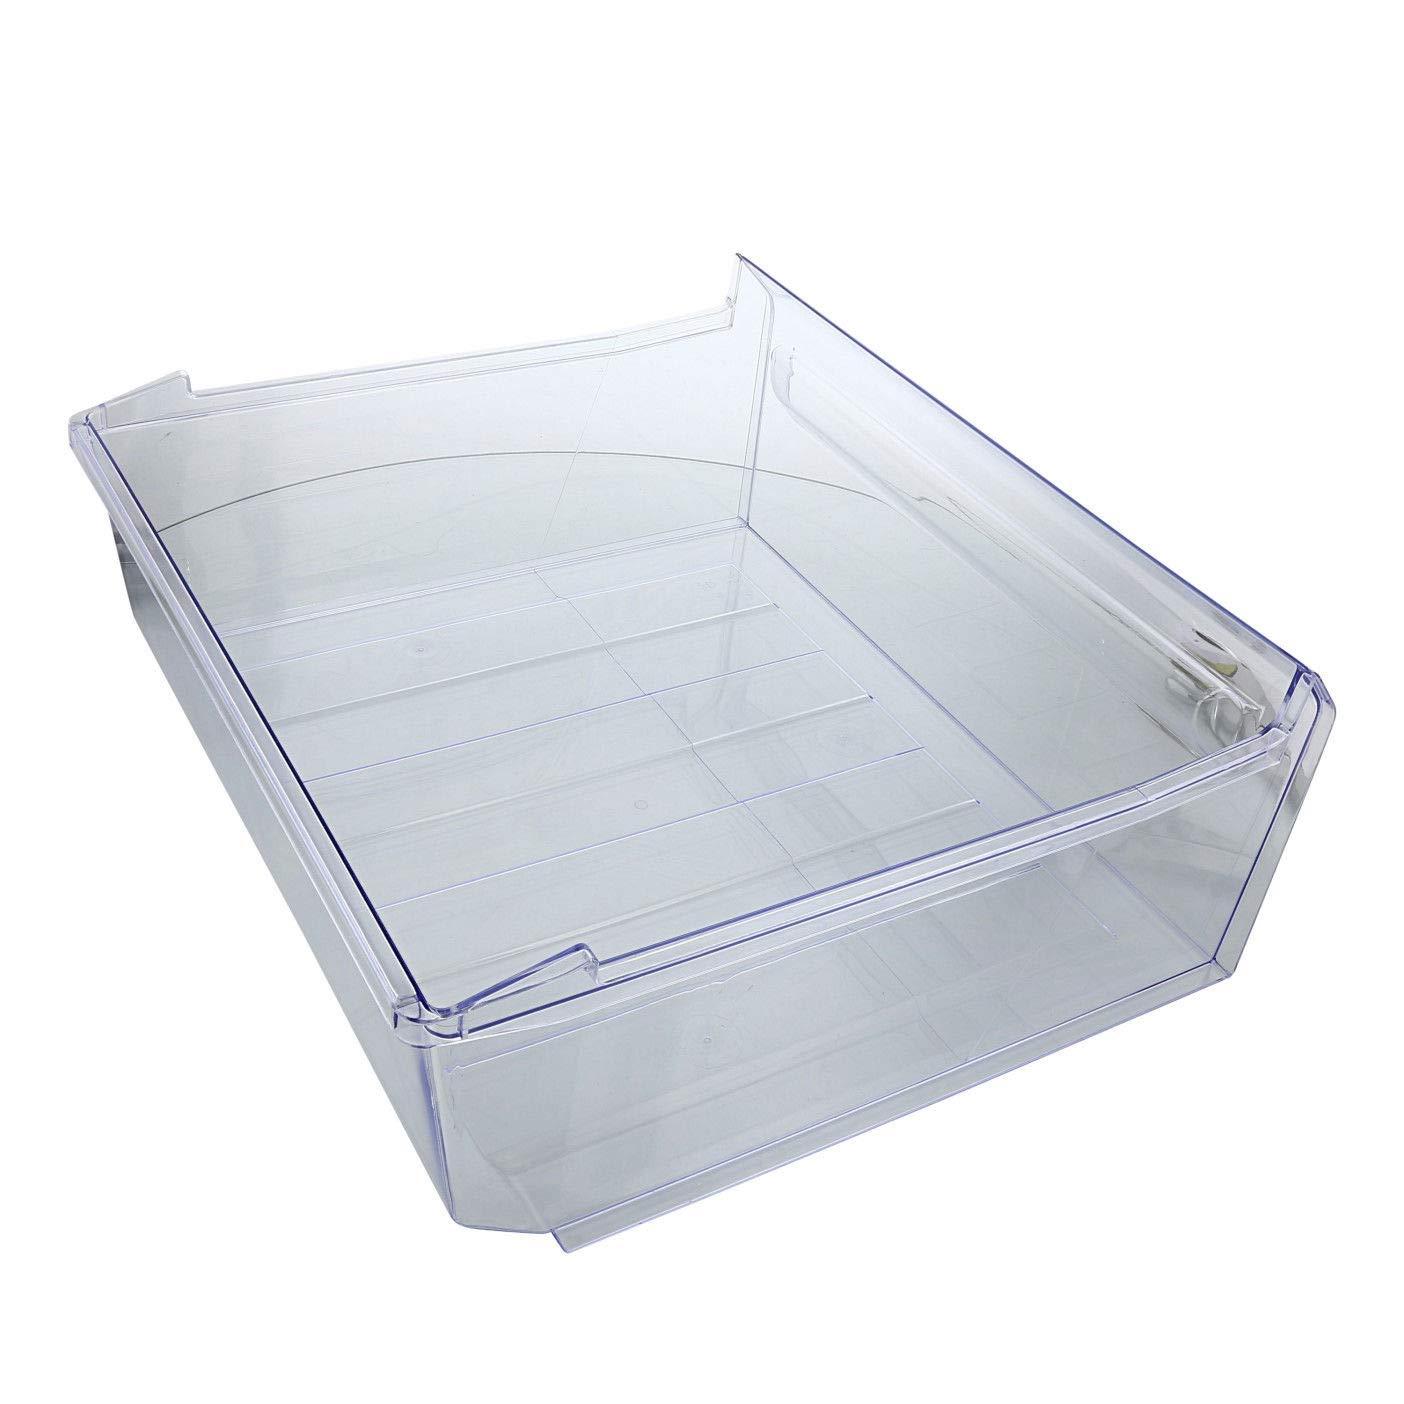 Zanussi Faure Zanker Cajón congelador Cajón para congelador ...